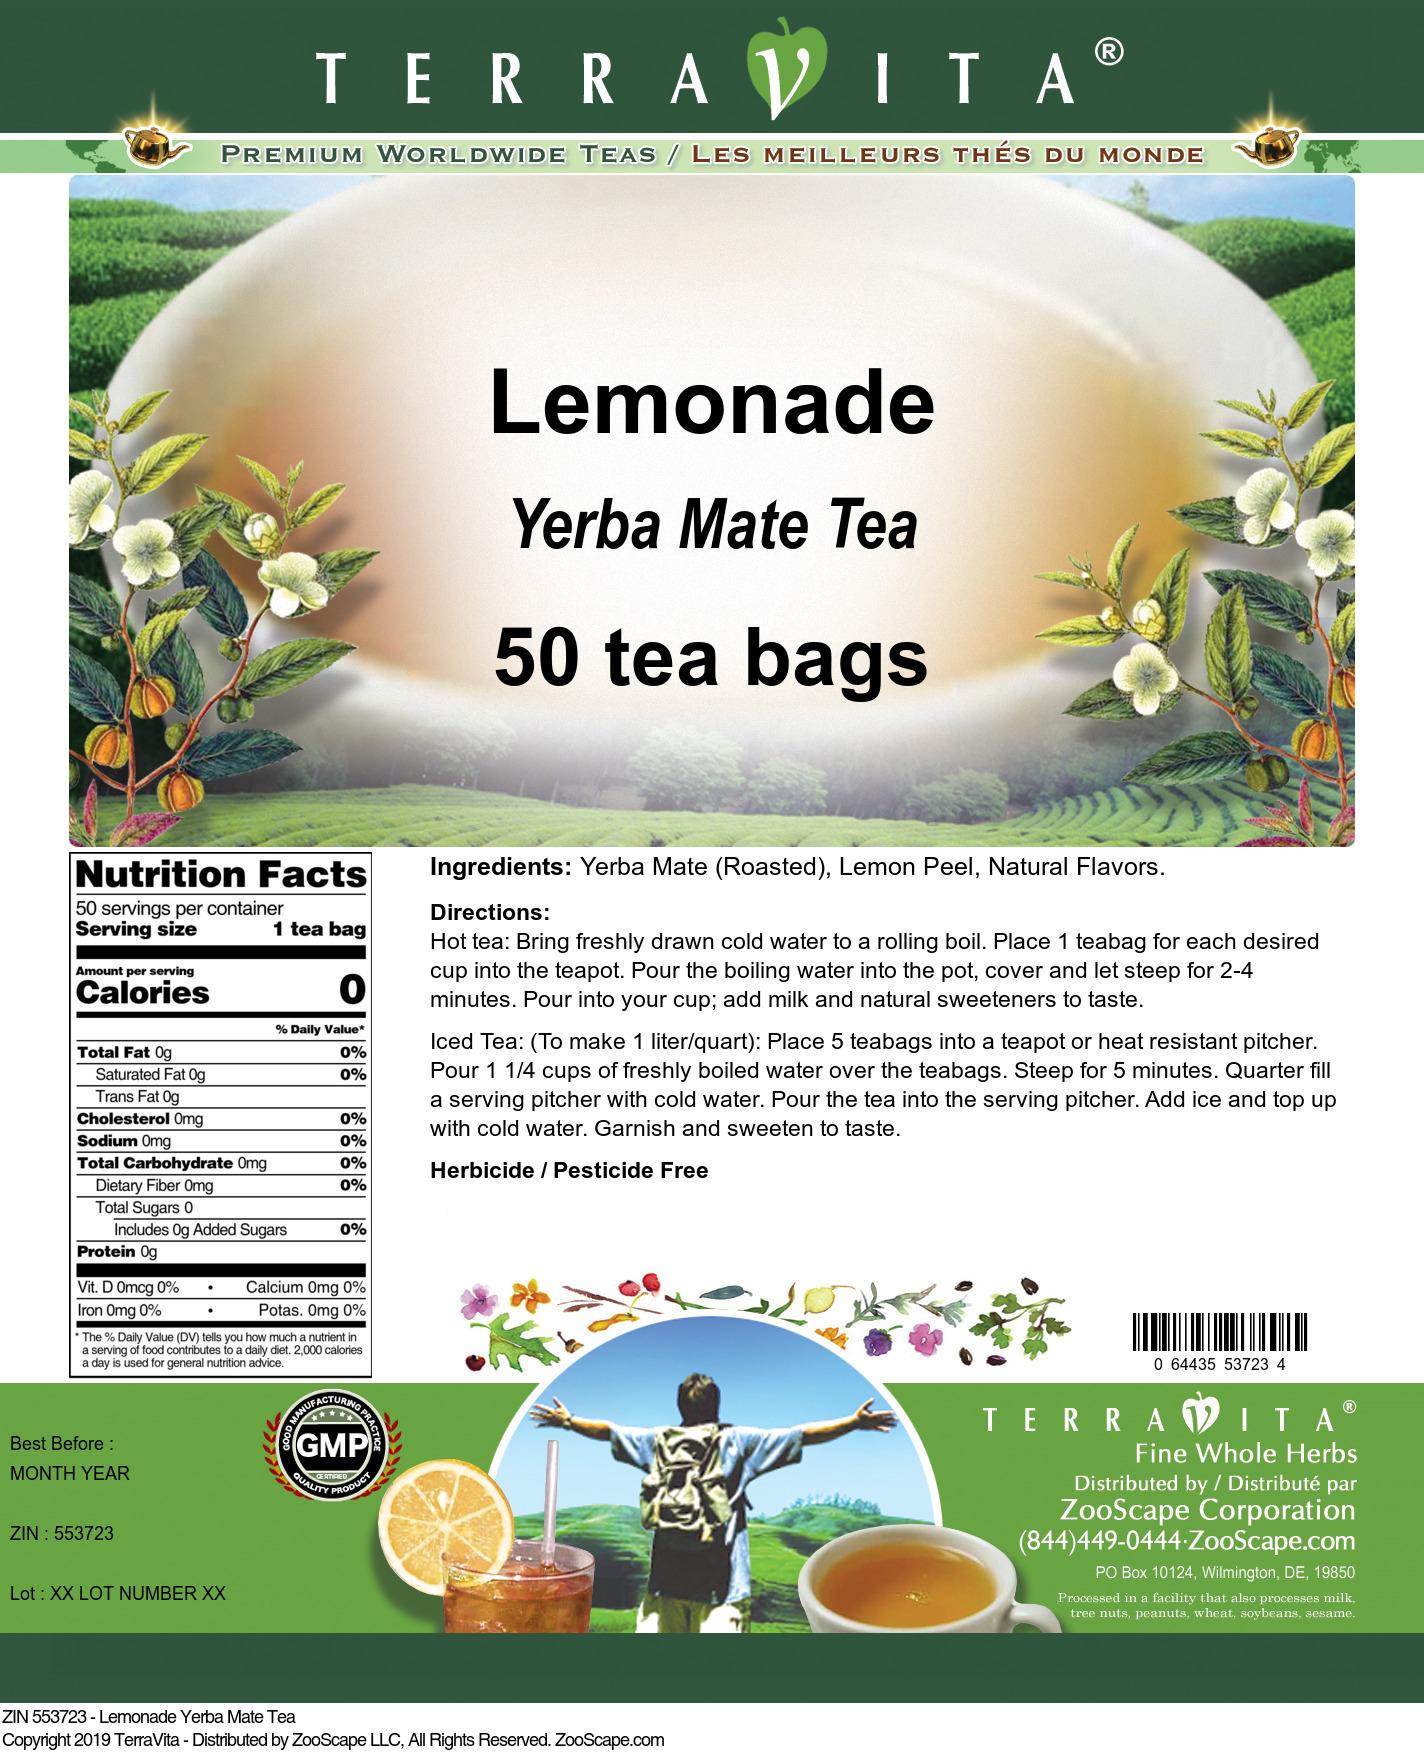 Lemonade Yerba Mate Tea